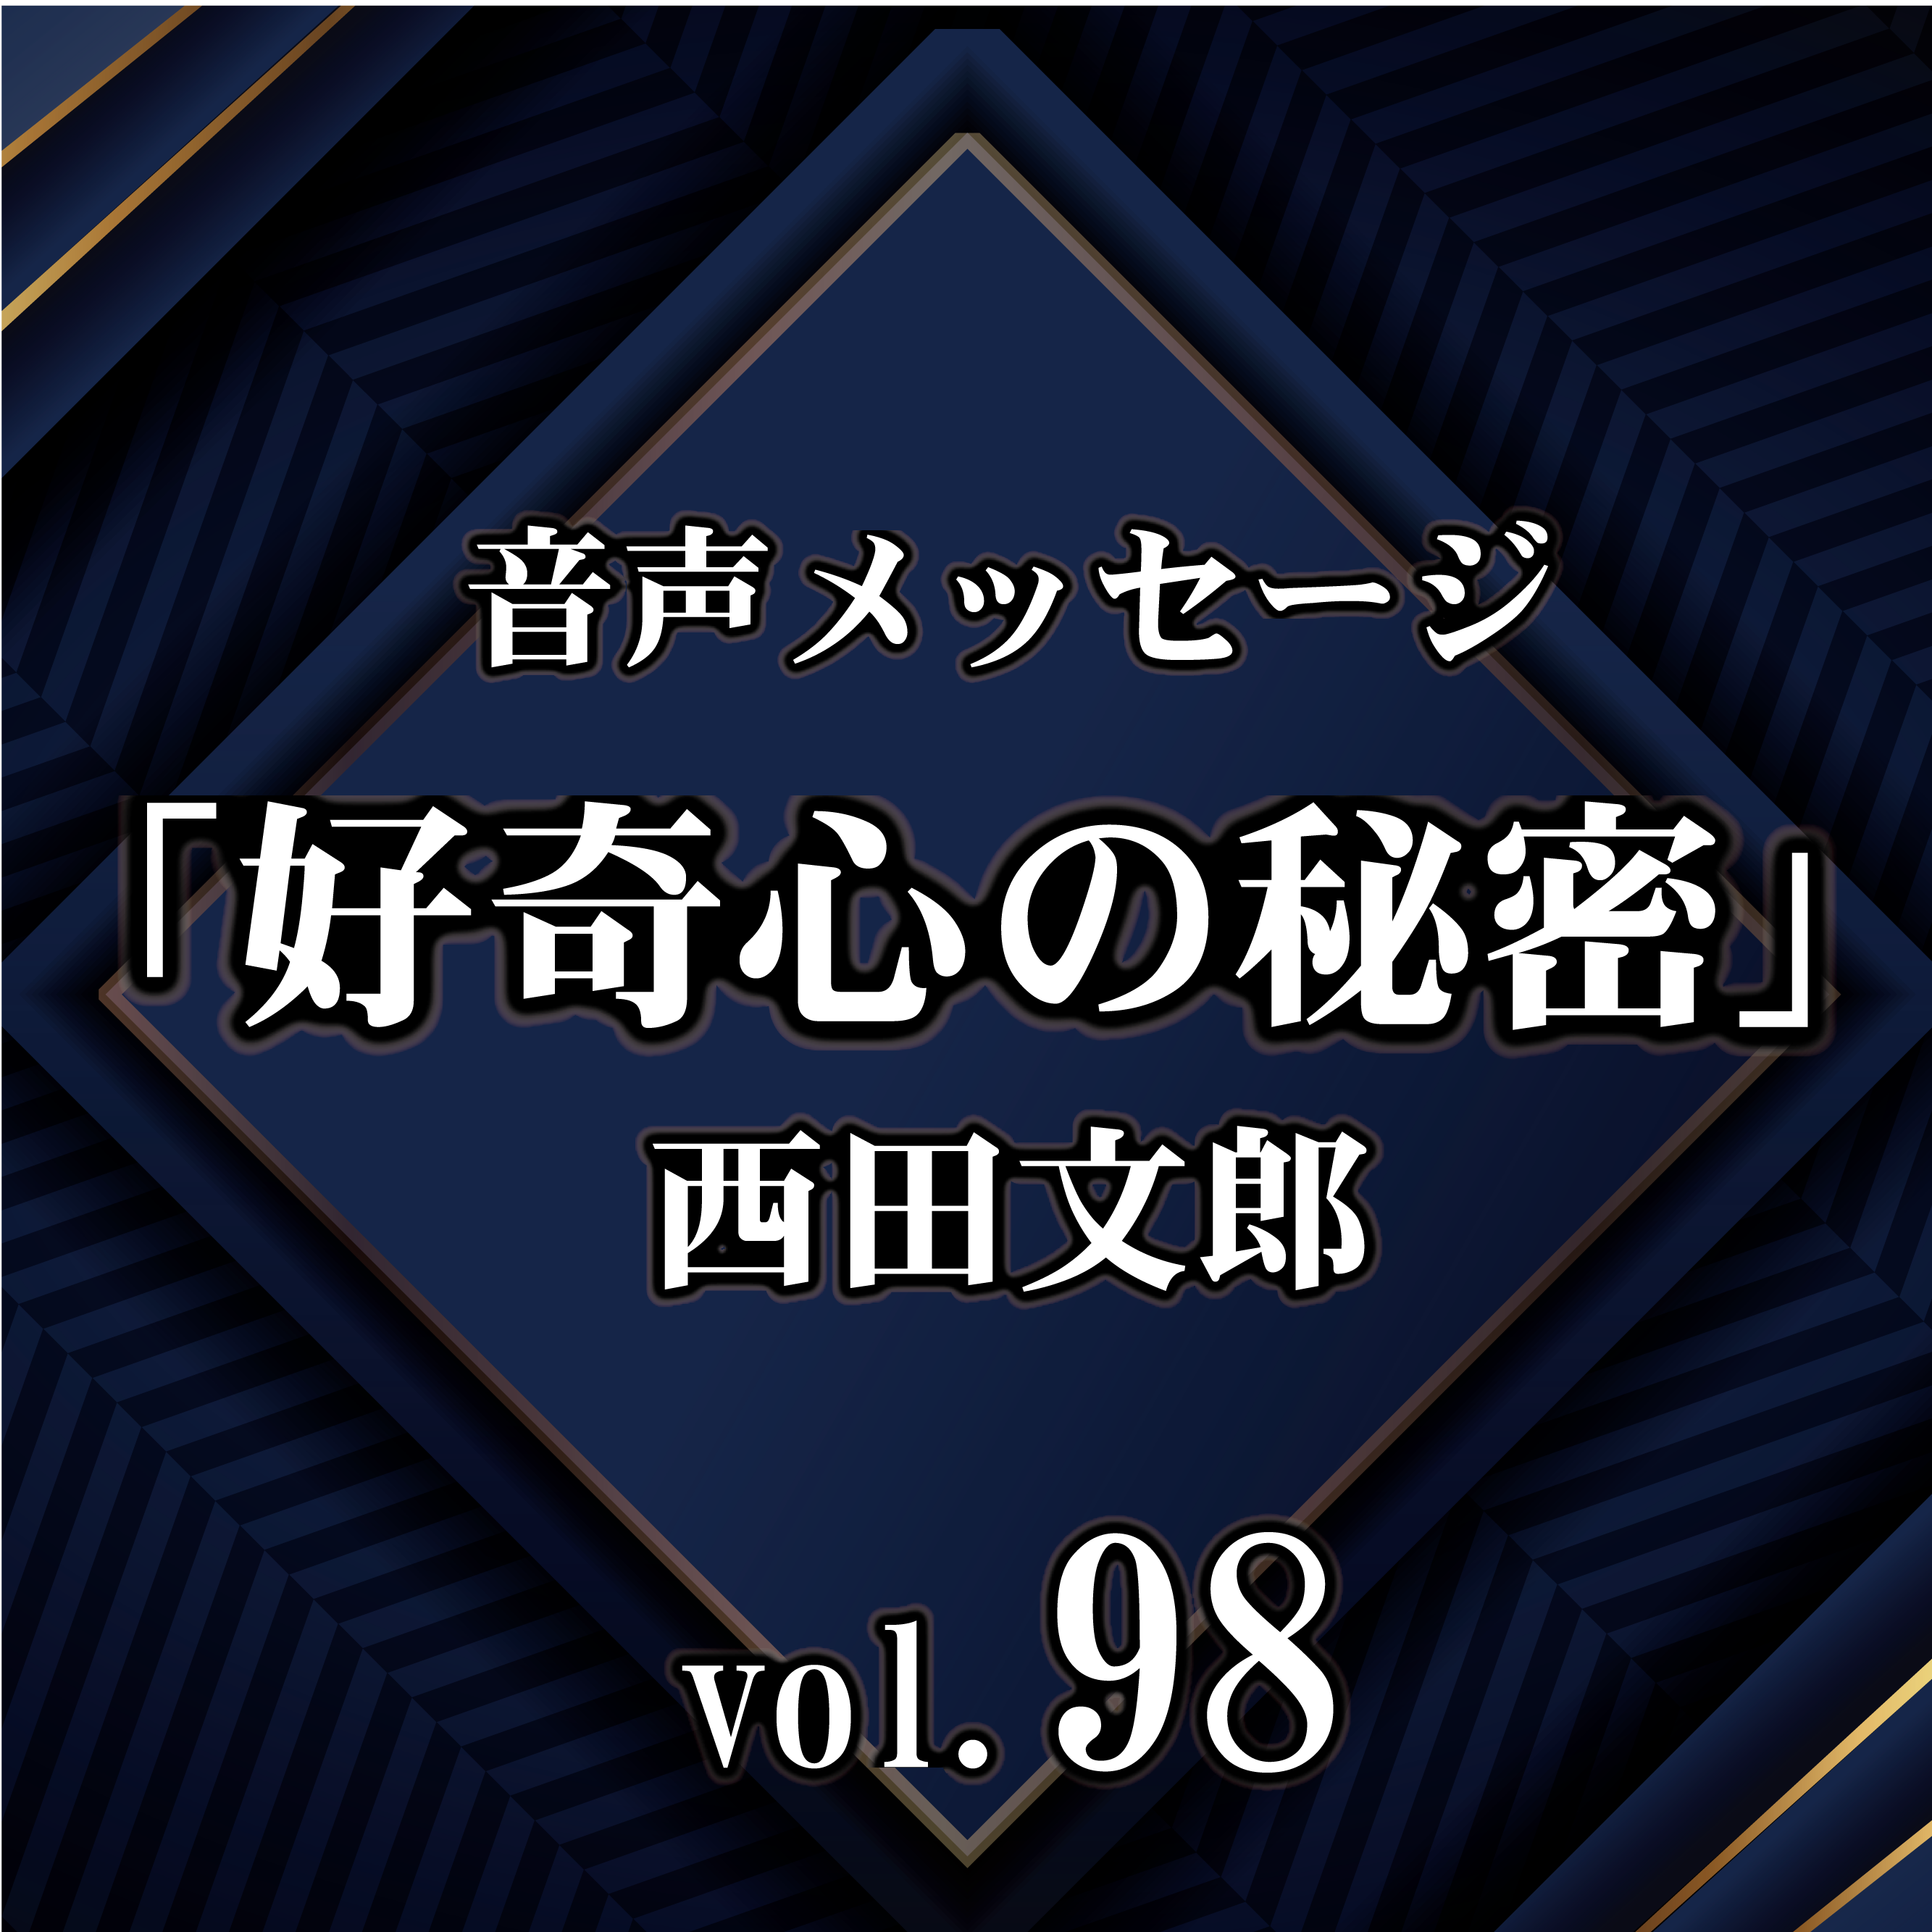 西田文郎 音声メッセージvol.98『好奇心の秘密』